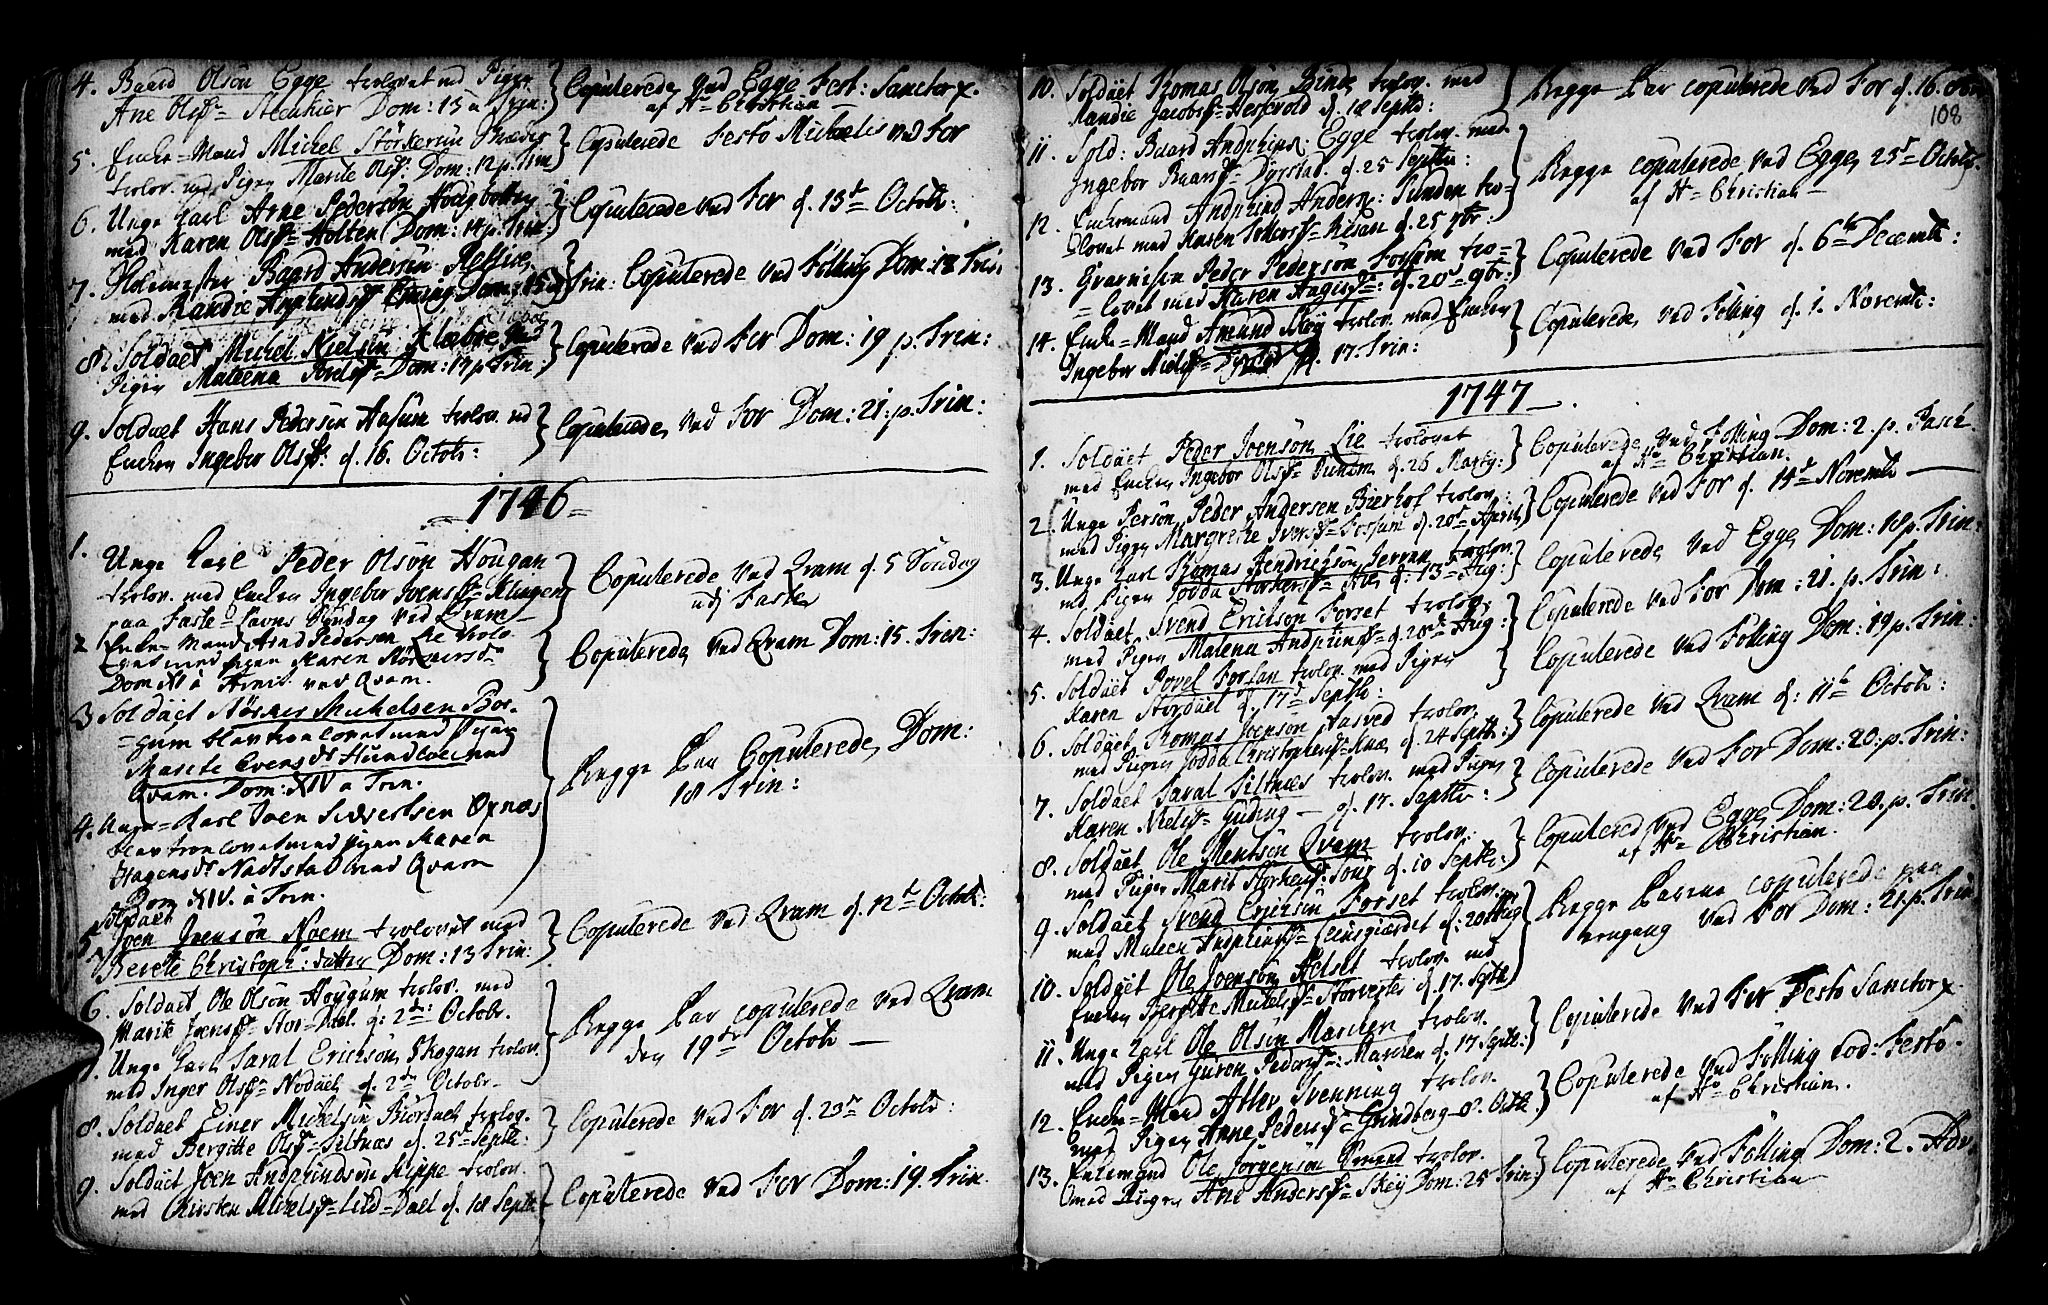 SAT, Ministerialprotokoller, klokkerbøker og fødselsregistre - Nord-Trøndelag, 746/L0439: Ministerialbok nr. 746A01, 1688-1759, s. 108